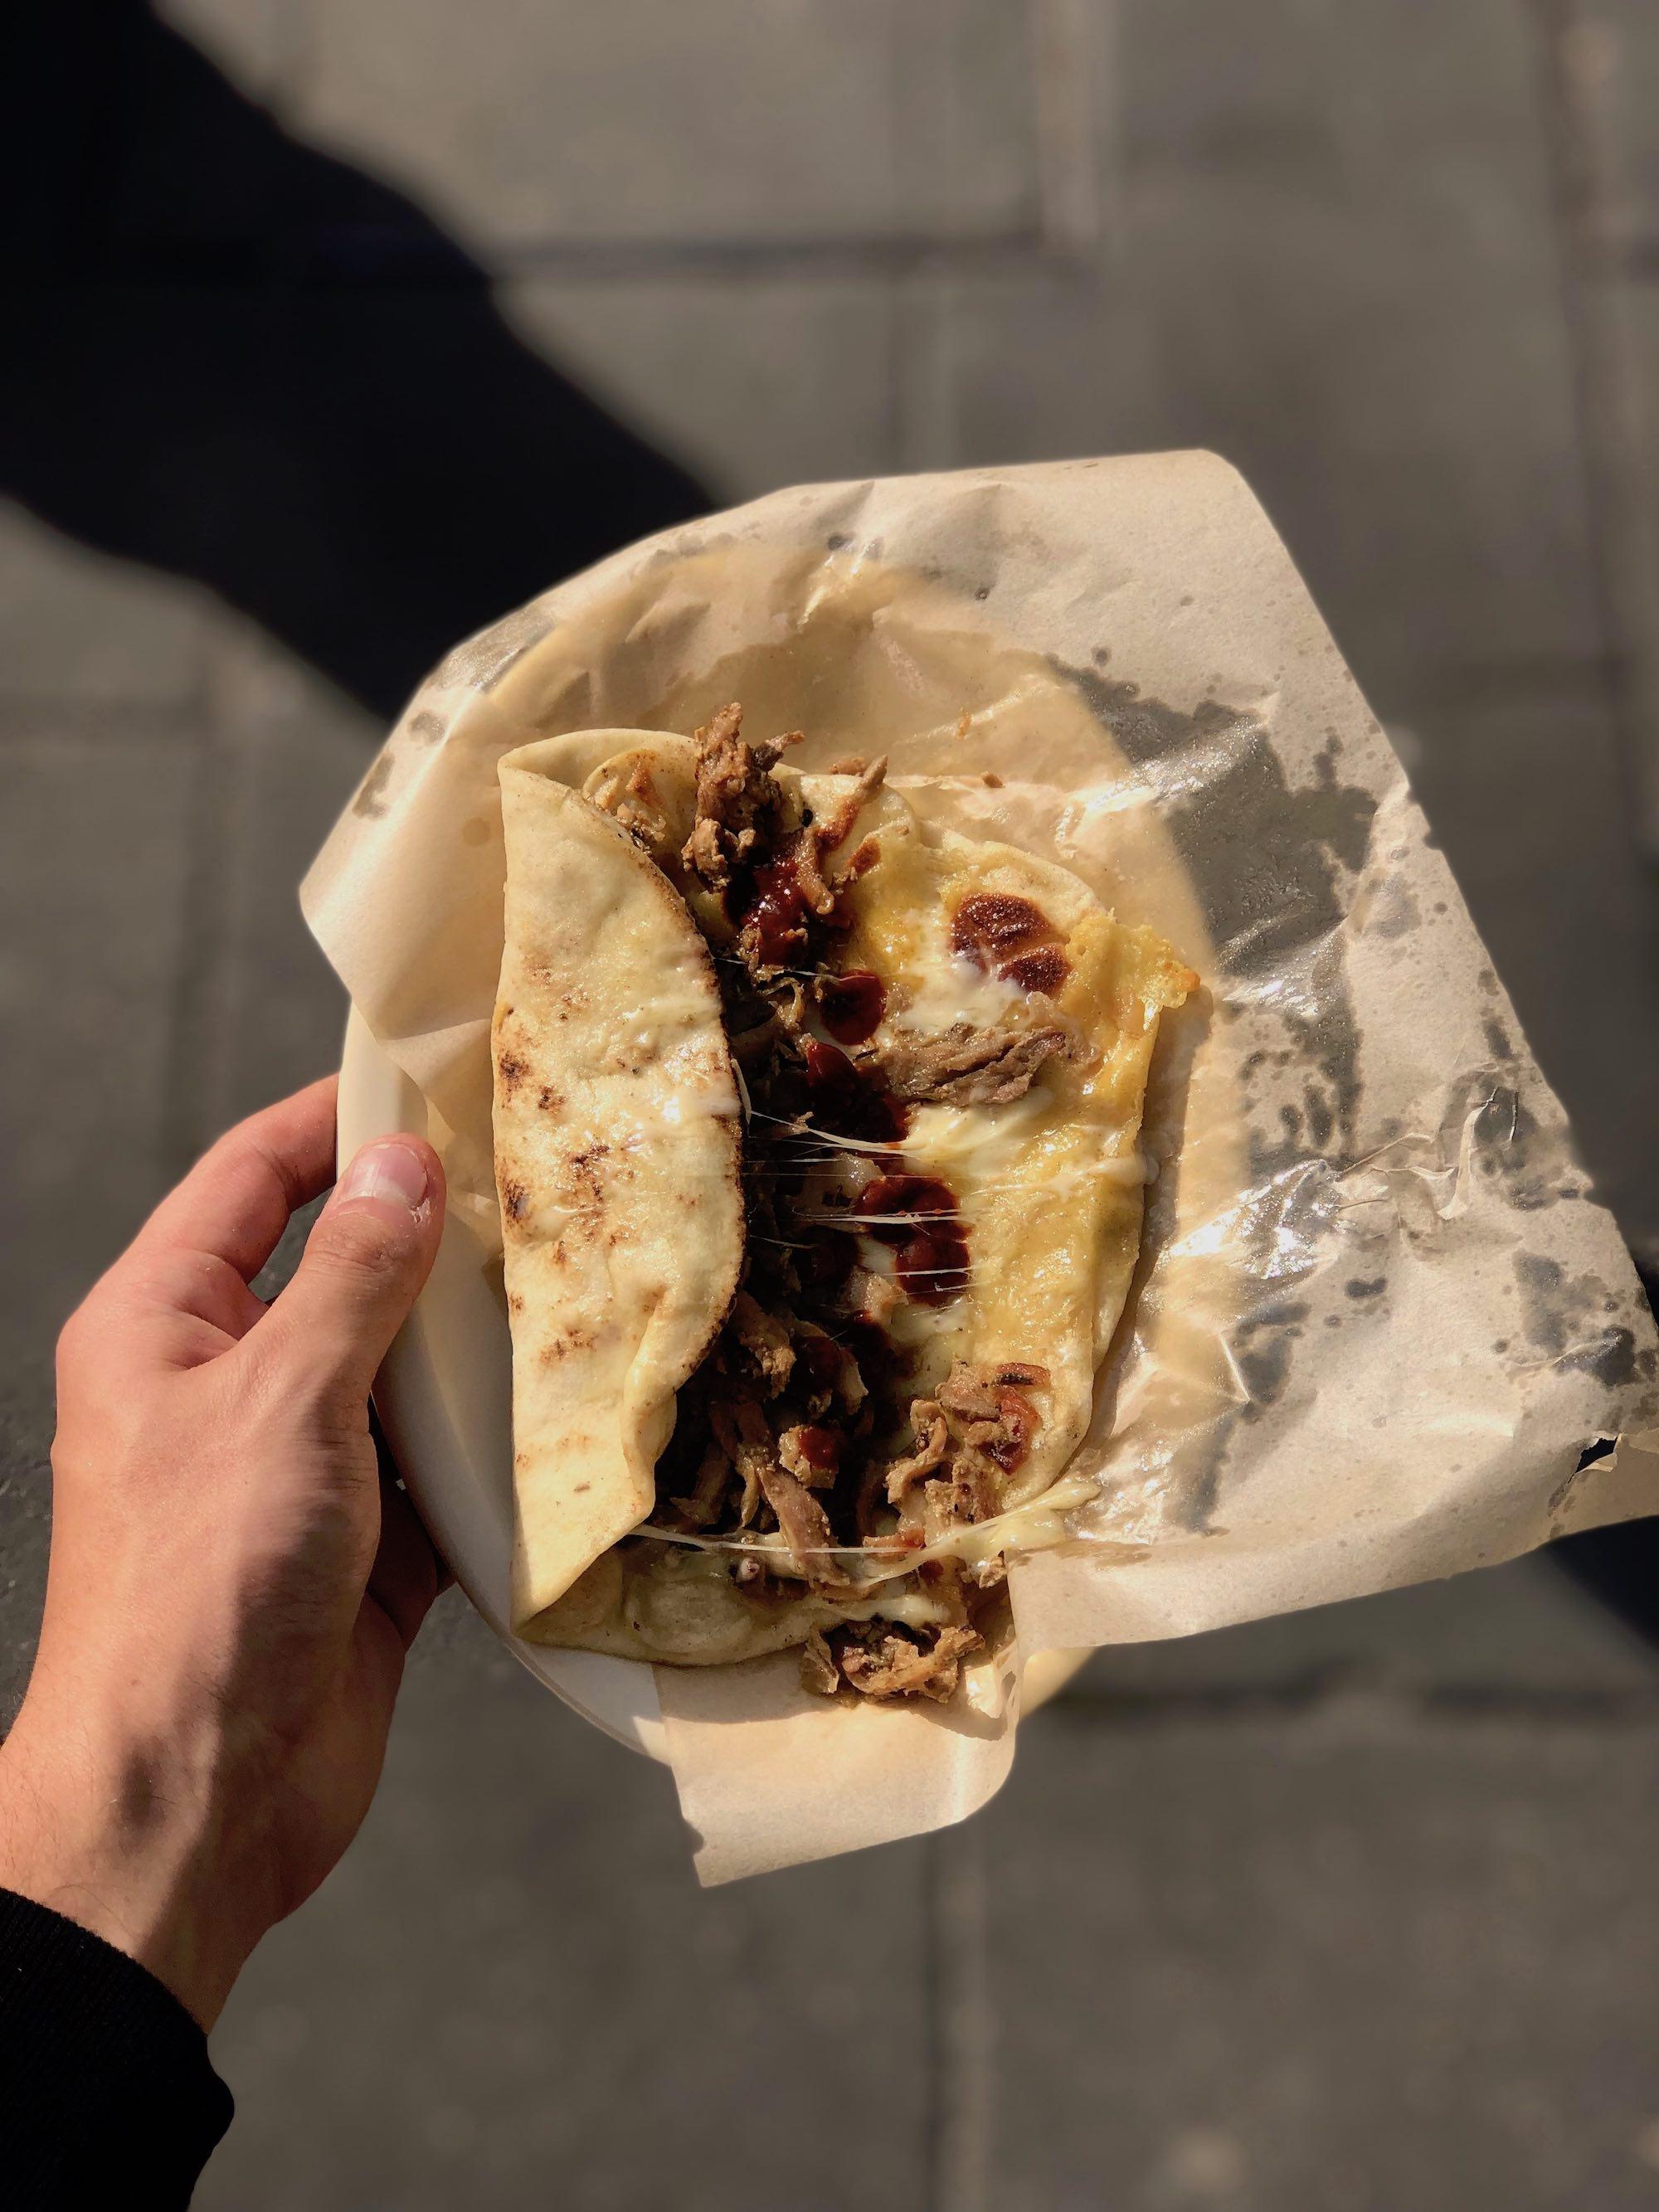 03112019_receta-taco+oriental+con+queso.jpg